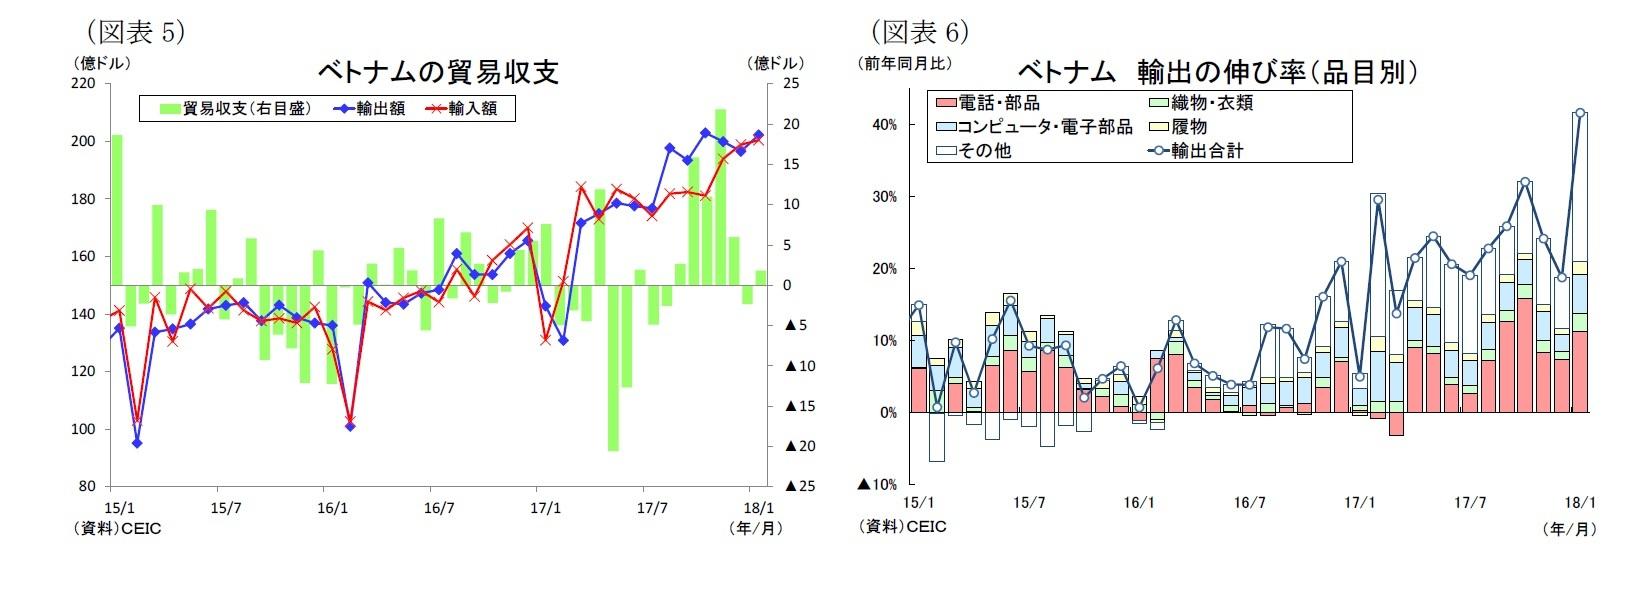 (図表5)ベトナムの貿易収支/(図表6)ベトナム輸出の伸び率(品目別)